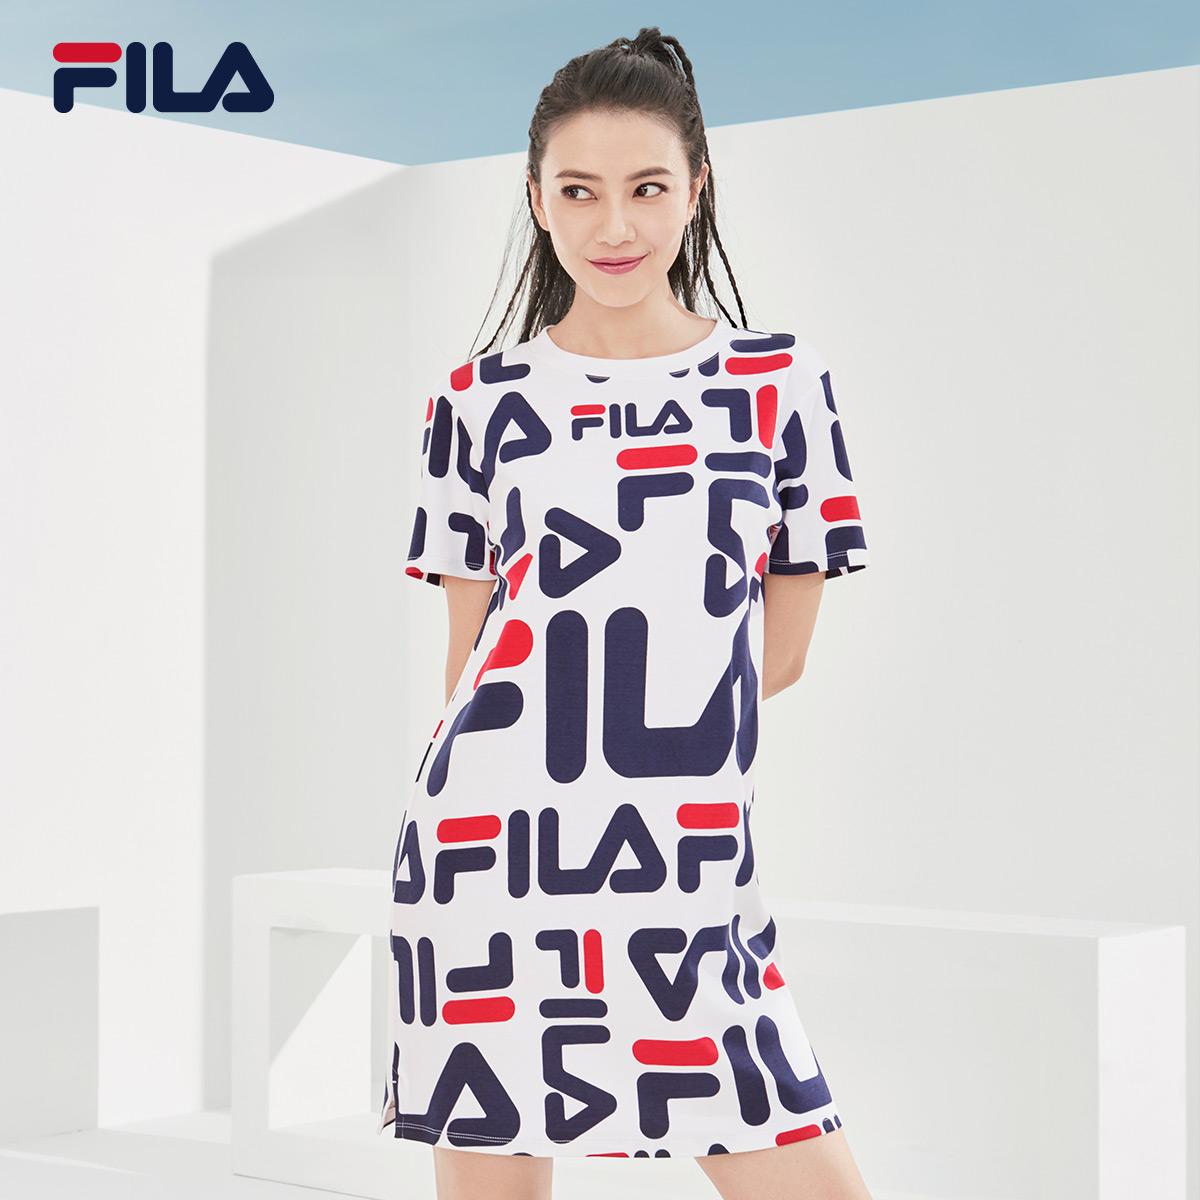 FILA фиджи лего круглый в этом же моделье женский с коротким рукавом платье 2018 новая весна статья круглый штамп LOGO волна модель платье